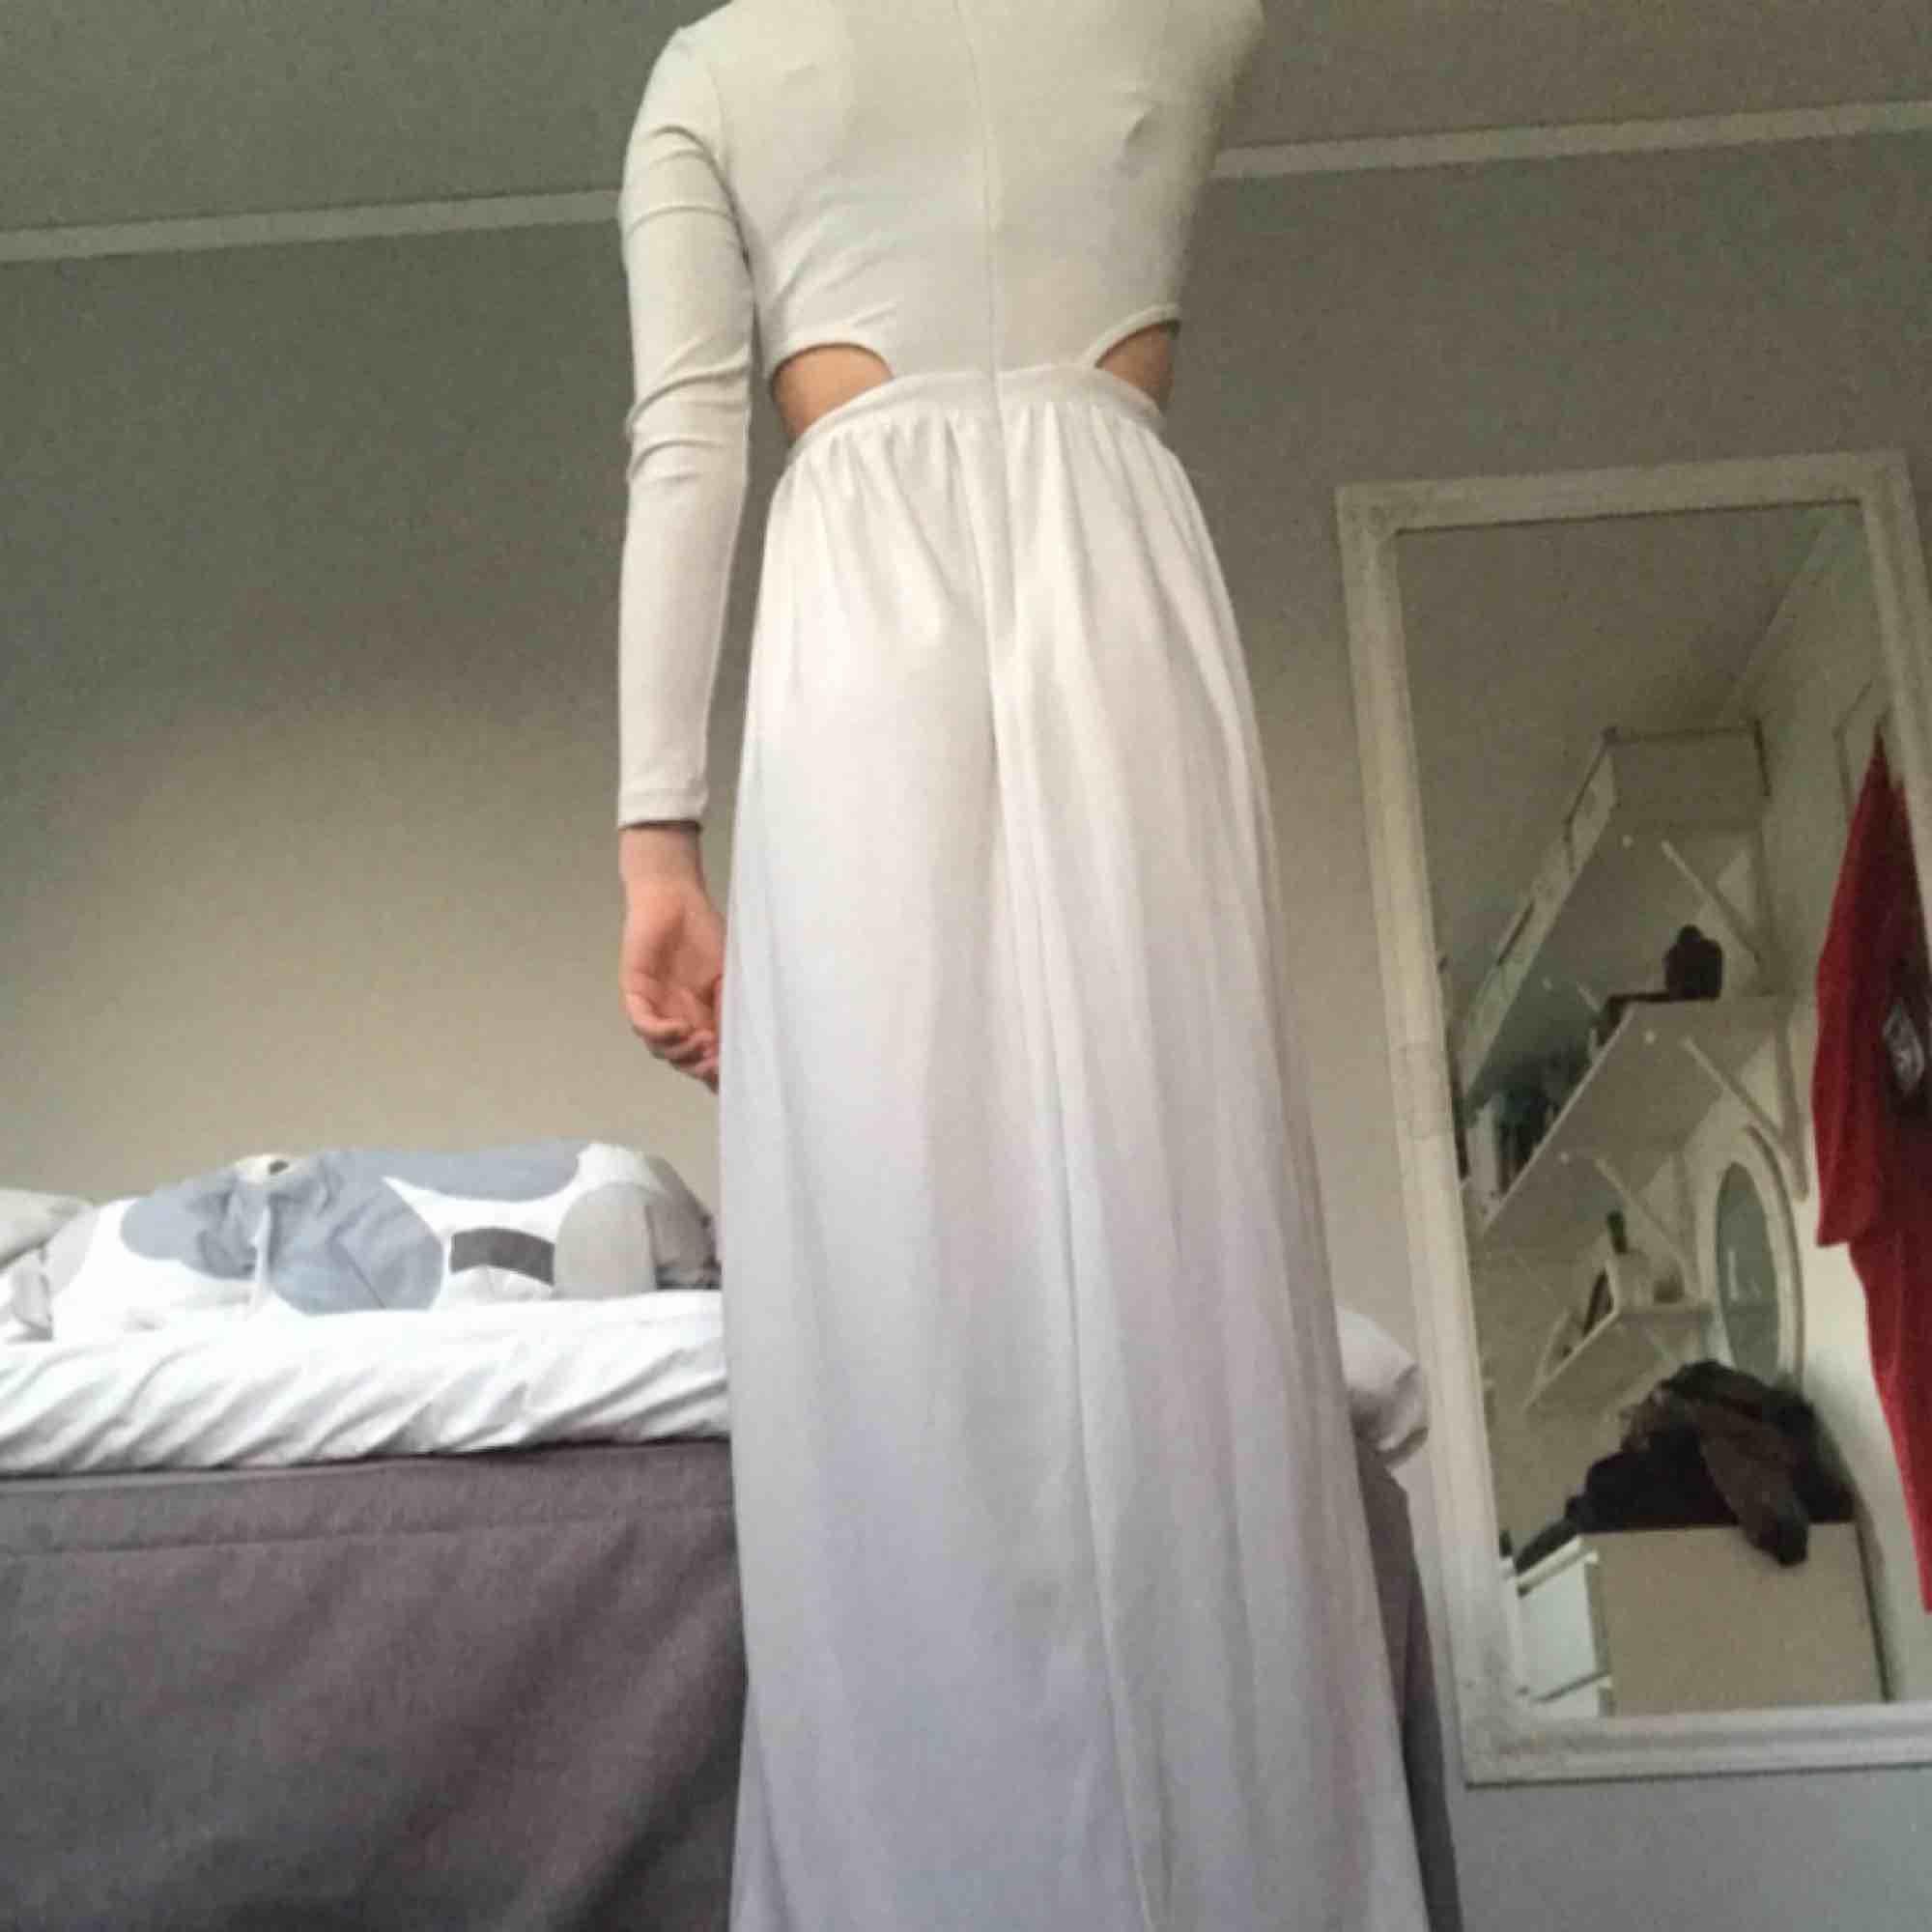 Jättefin balklänning från asos💗 färgen är ljus grå/beige och är verkligen jättefin. Aldrig använd men prislappen är borta. Passar mig som är 164 lång och brukar ha s eller xs. Pris kan sänkas vid snabb affär. Fri frakt💗💗. Klänningar.